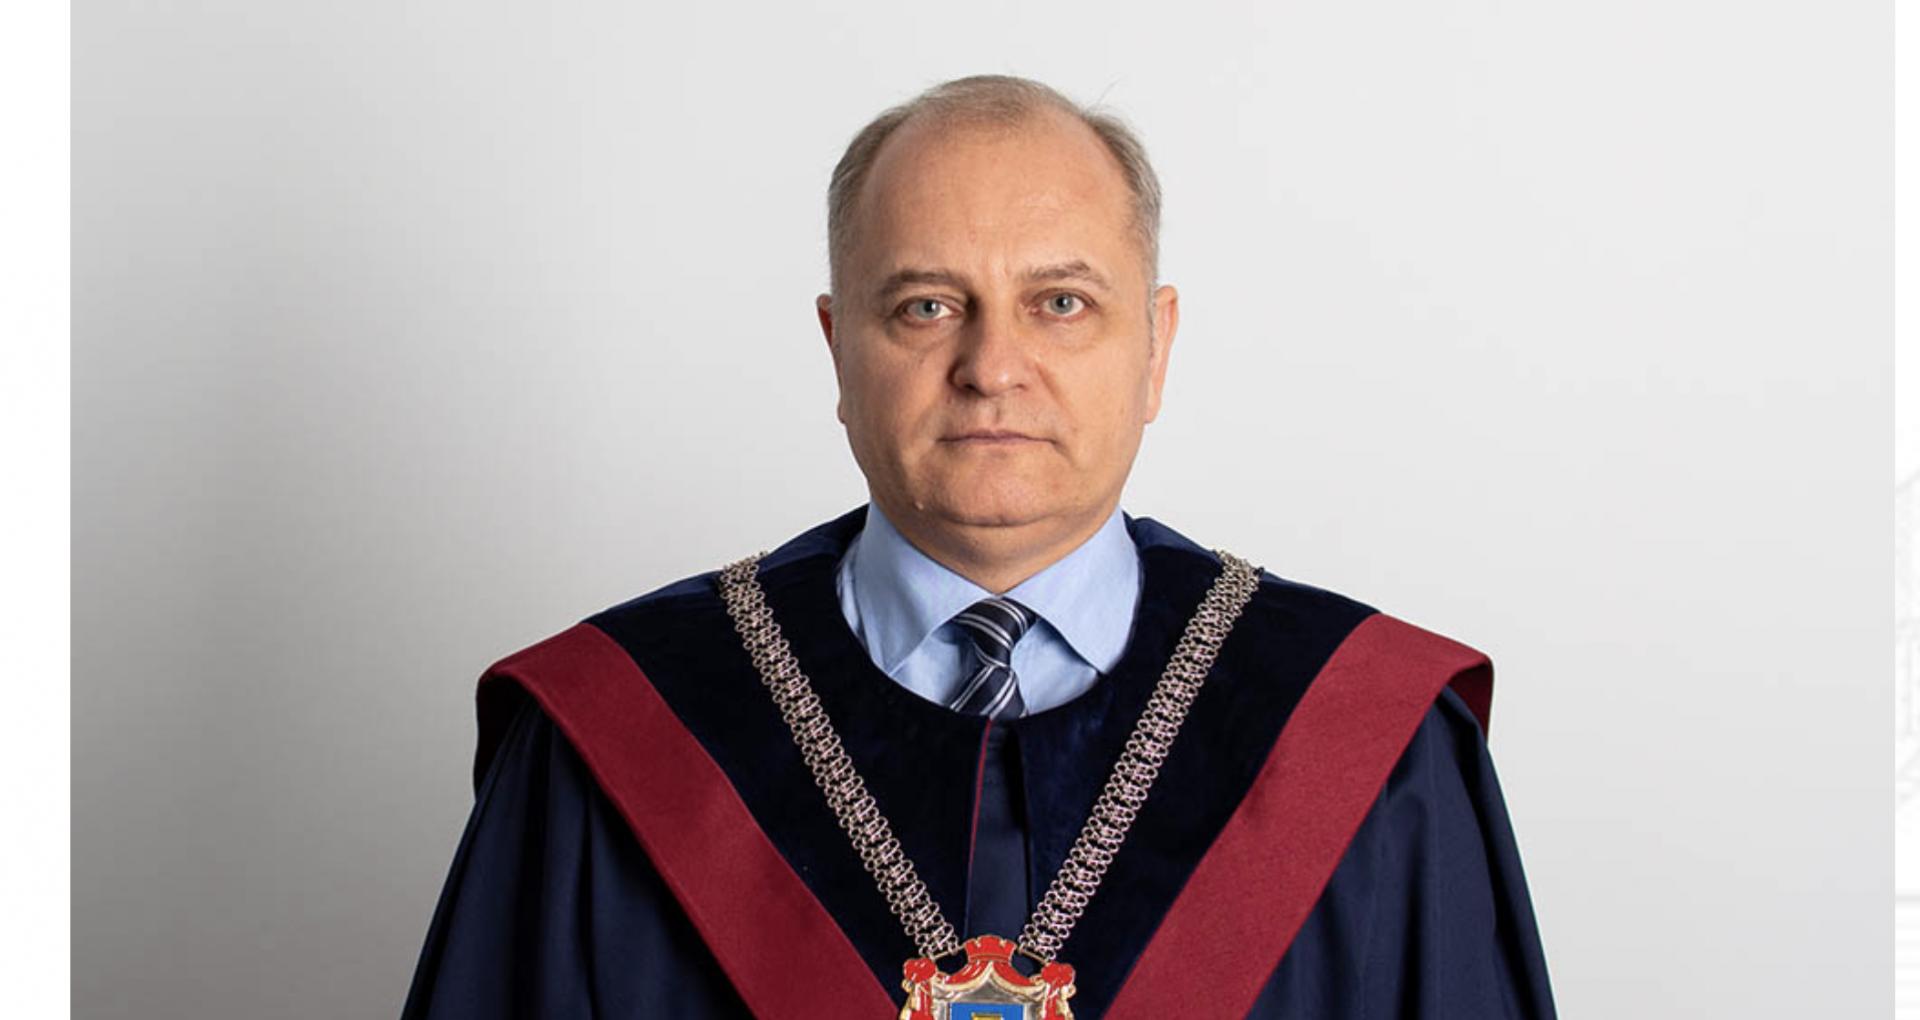 Judecătorul Curții Constituționale Eduard Ababei a decedat. Președinta CC: Am sperat până-n ultima clipă să fie bine